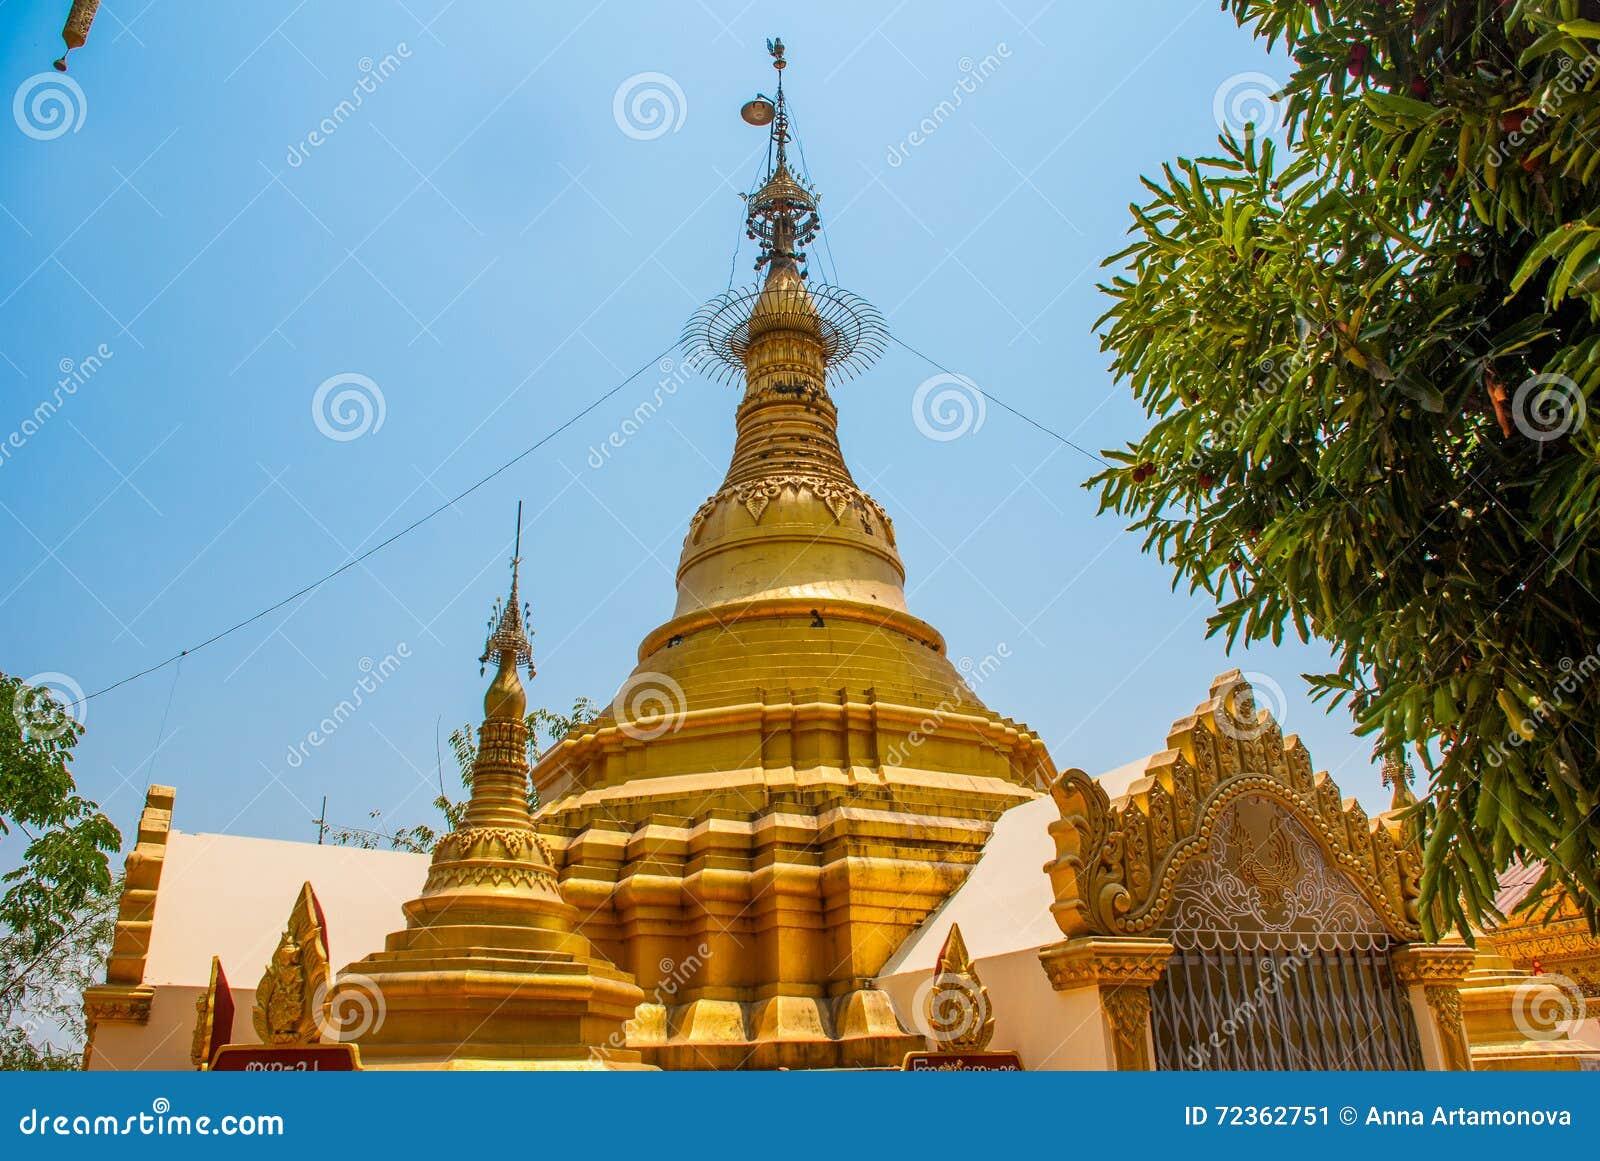 金黄stupa 在Bago曲折前进塔, Pegu镇  缅甸 缅甸